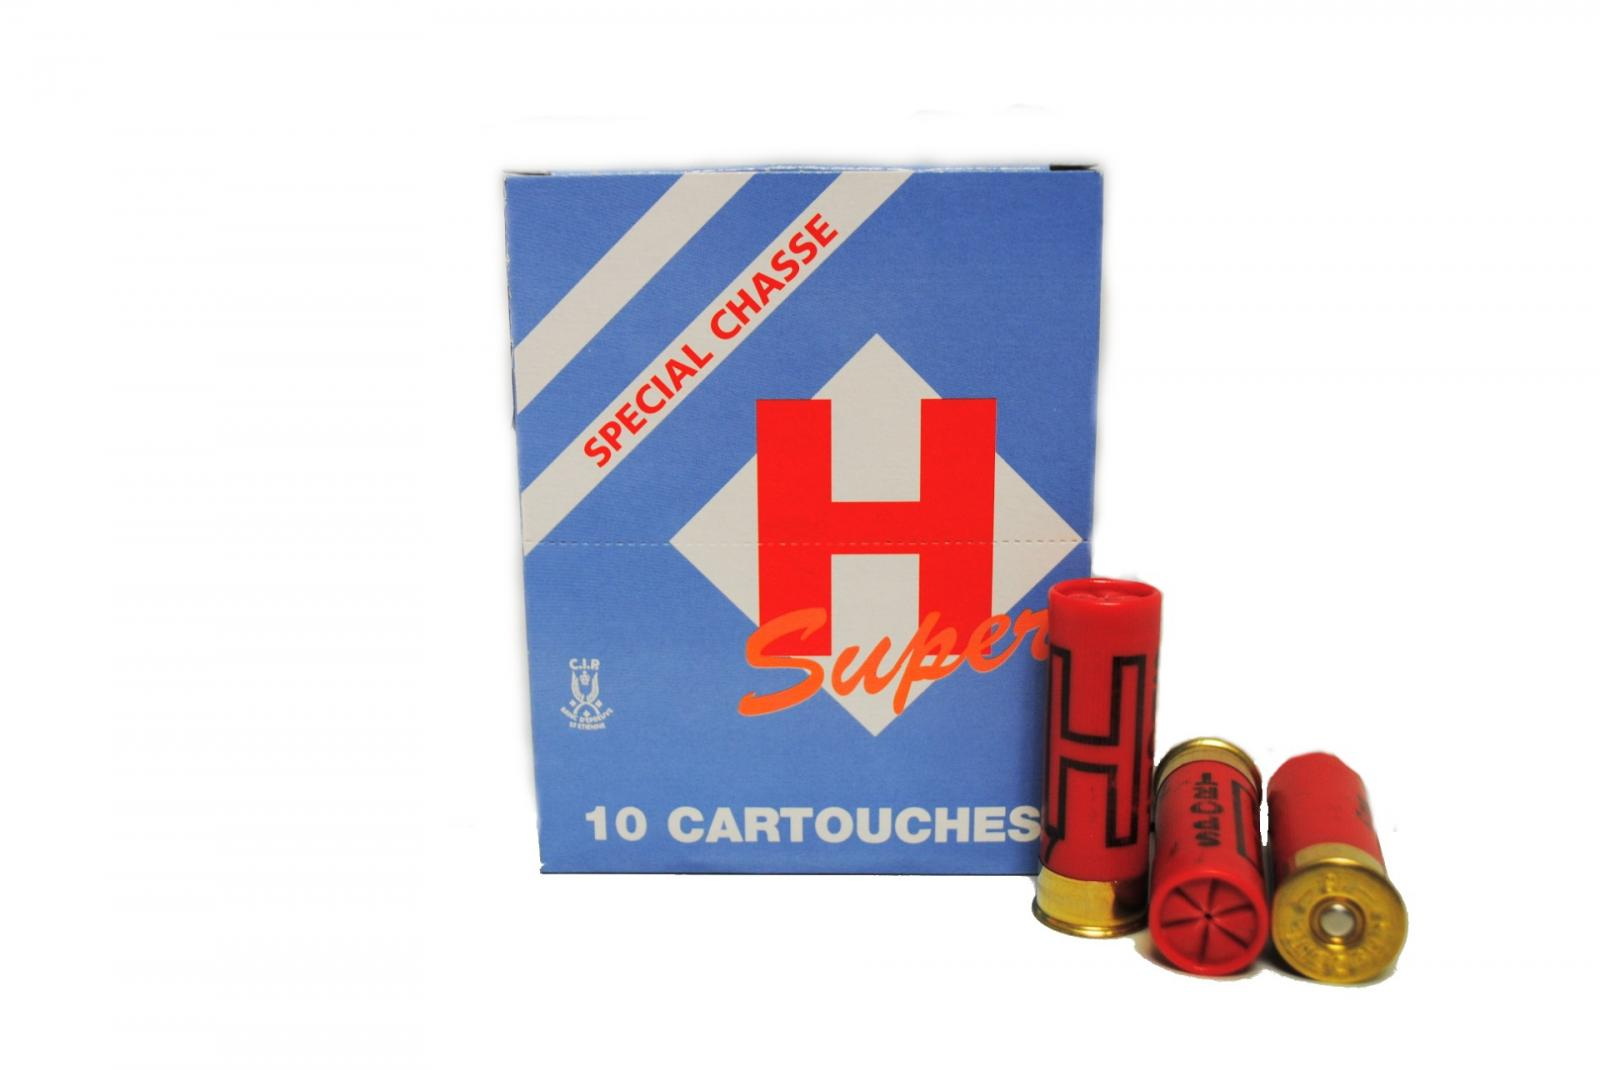 Boite de 10 cartouches 16 / 67.5 petit culot 30 grs SUPER J2